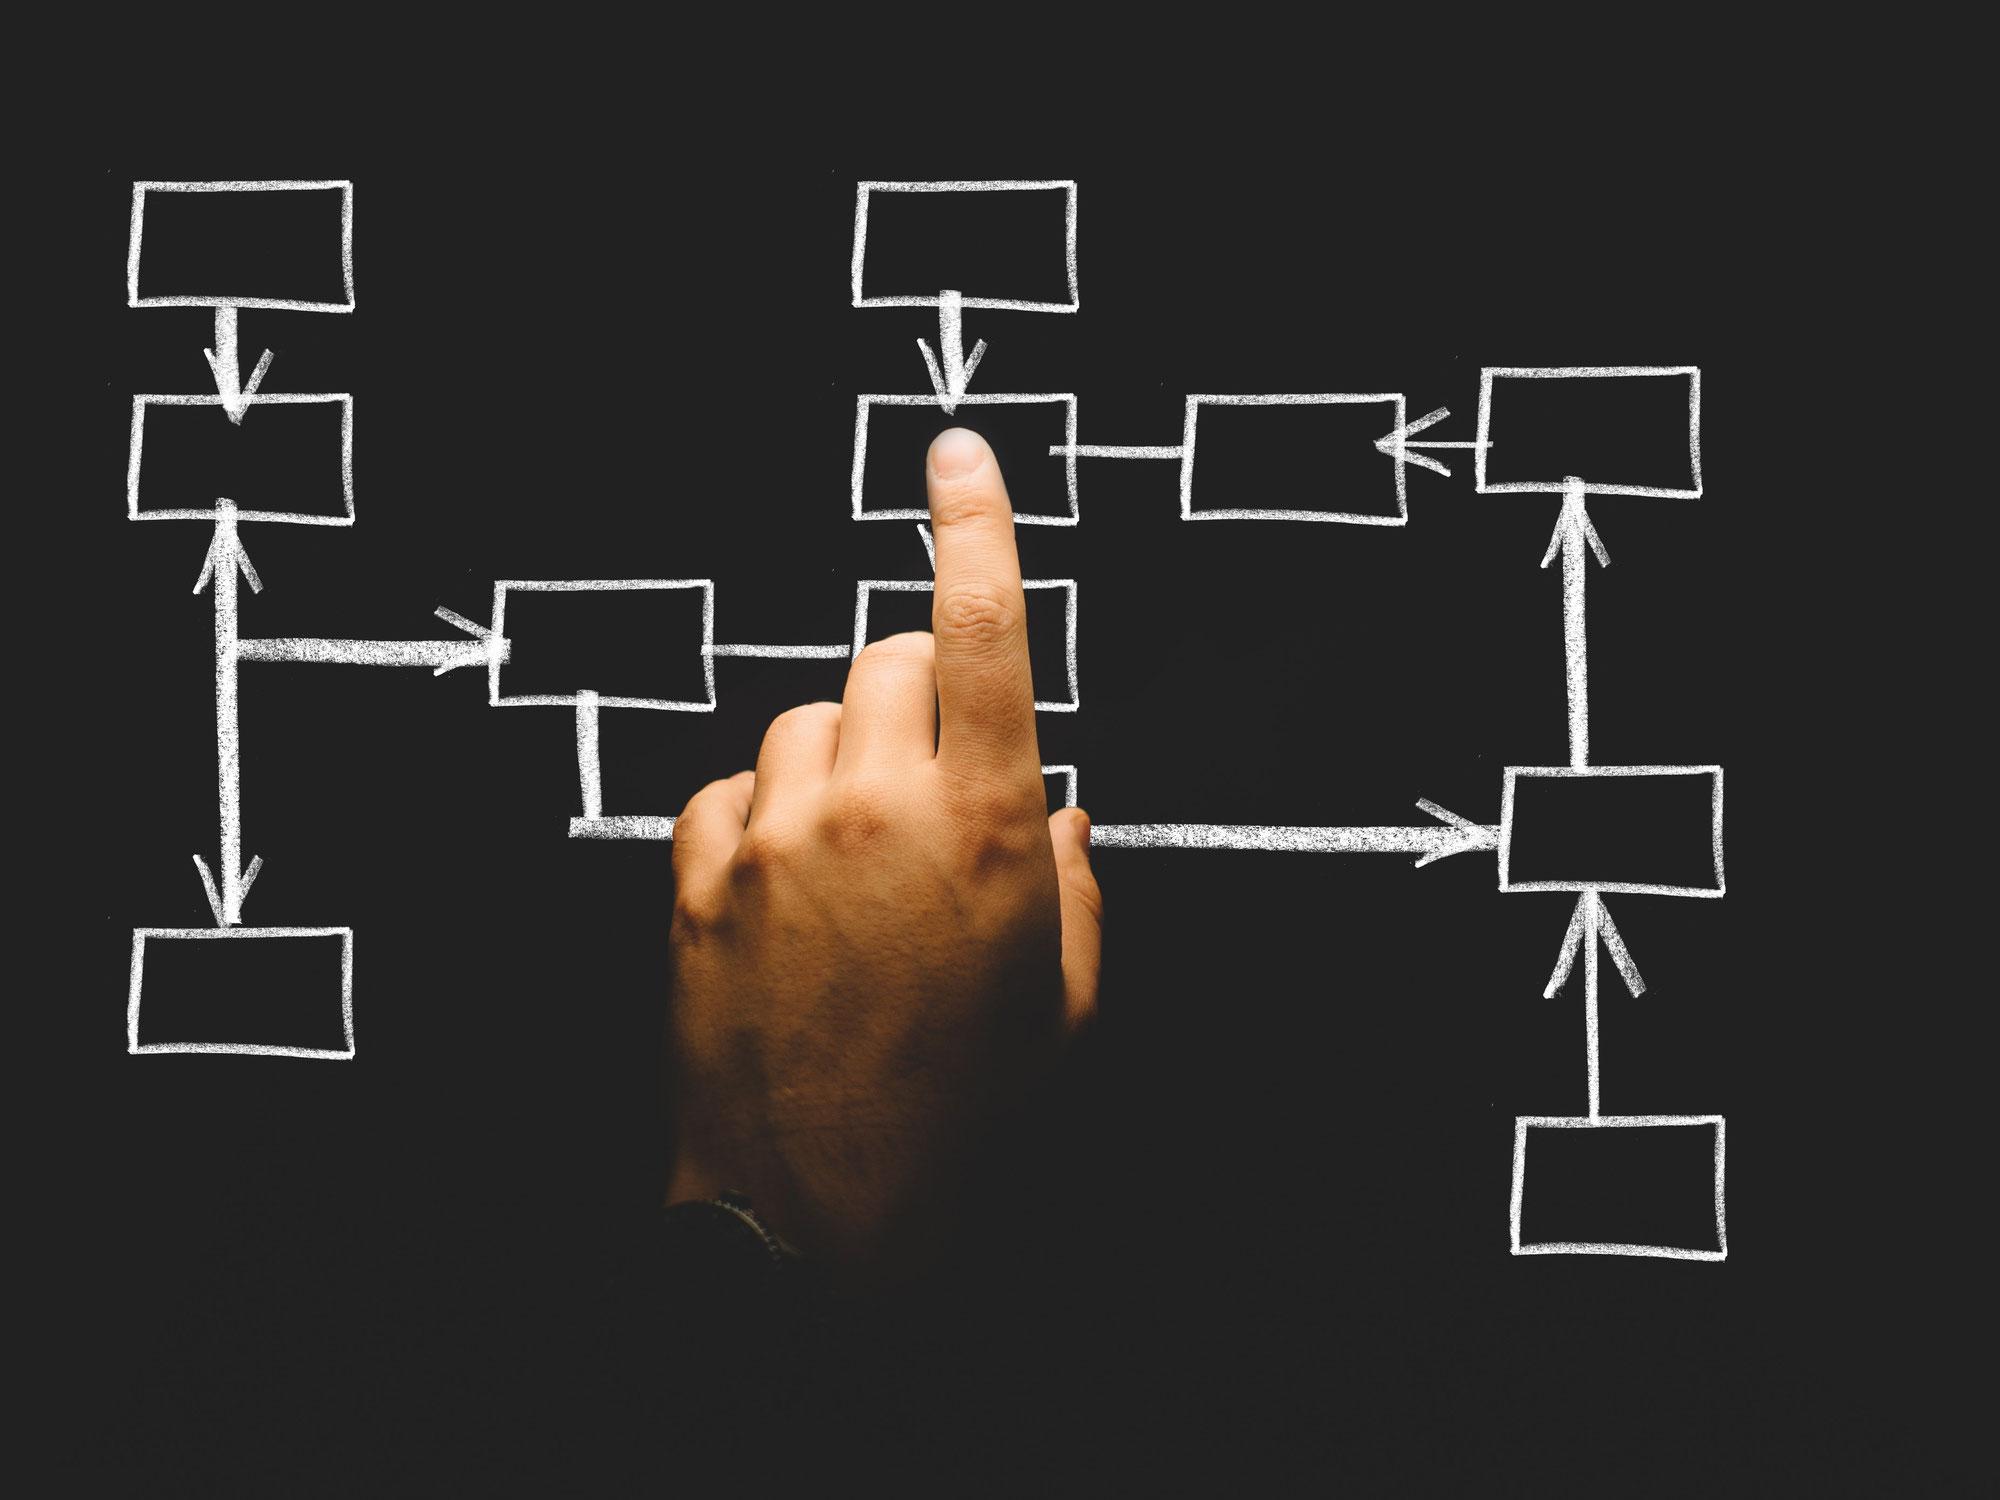 Chaos im Unternehmen durch fehlende Prozessstruktur